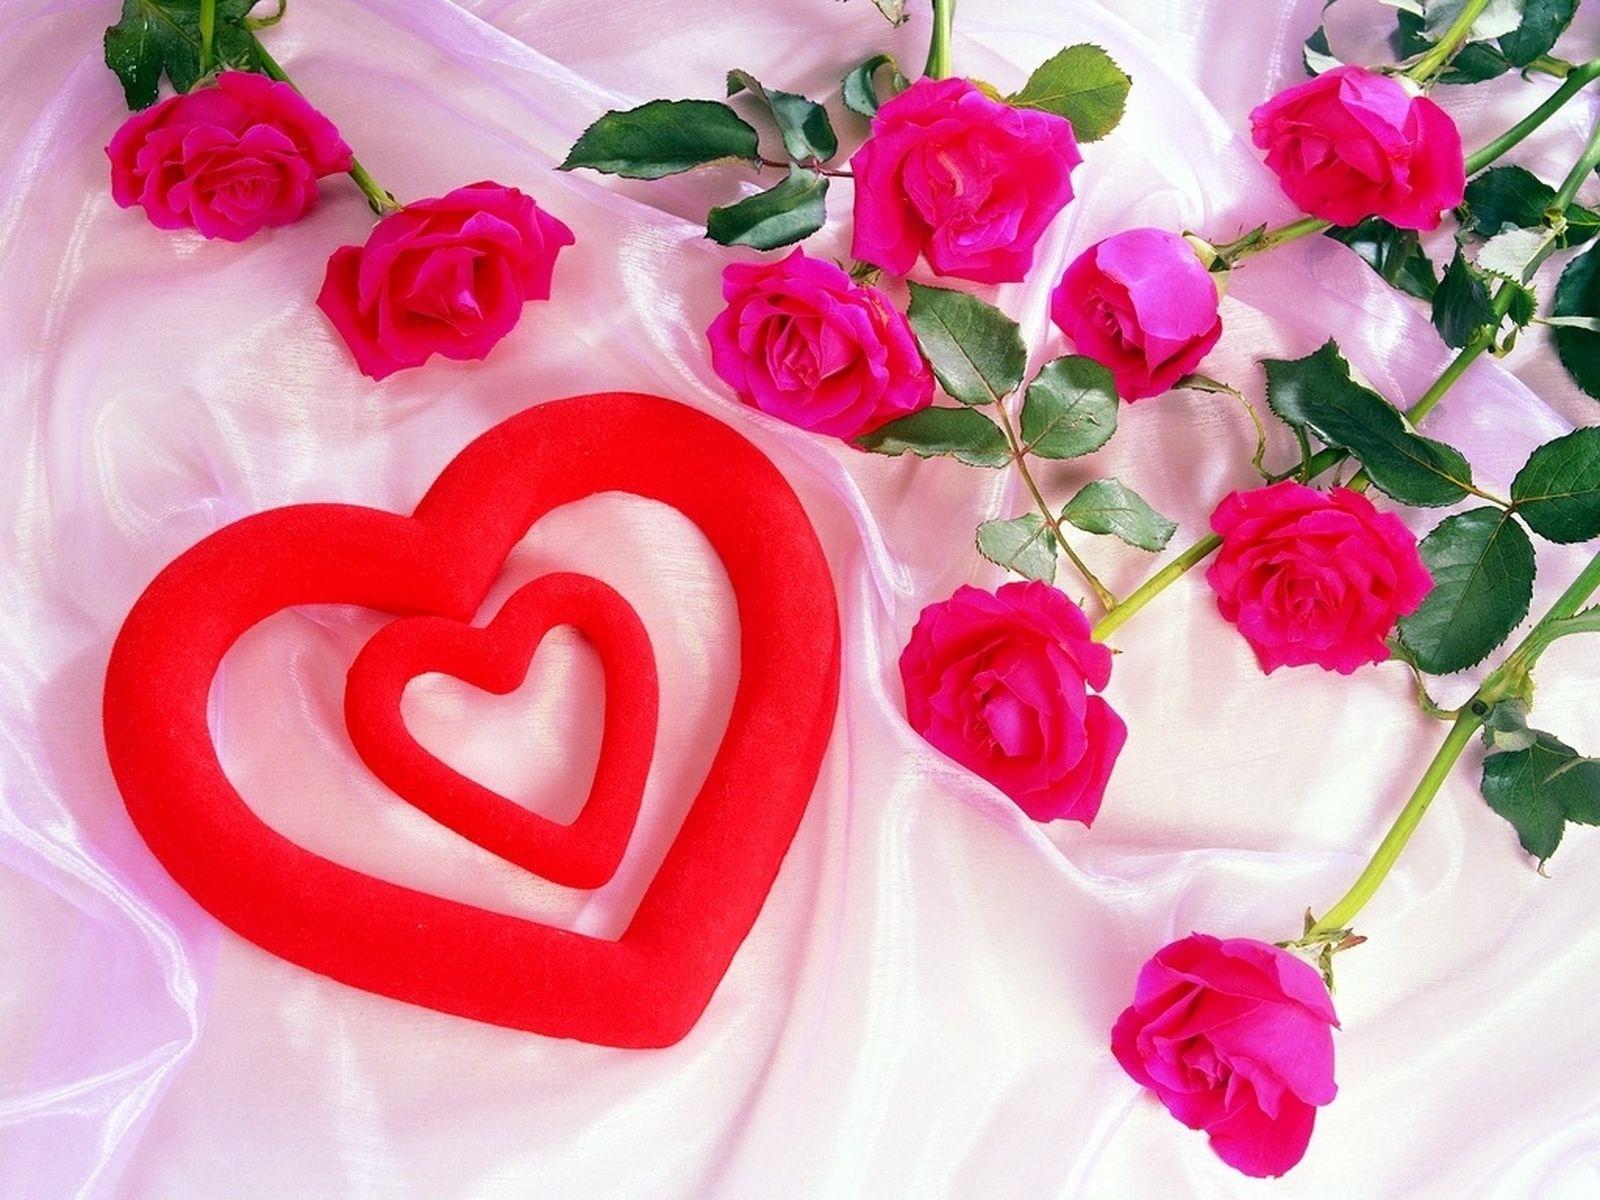 http://2.bp.blogspot.com/-qbtv8V2V8wQ/TbBsB90axjI/AAAAAAAAAl8/DSj2lXDp6NU/s1600/35-Love%252528www.Fun4uMobile.blogspot.com%252529.JPG